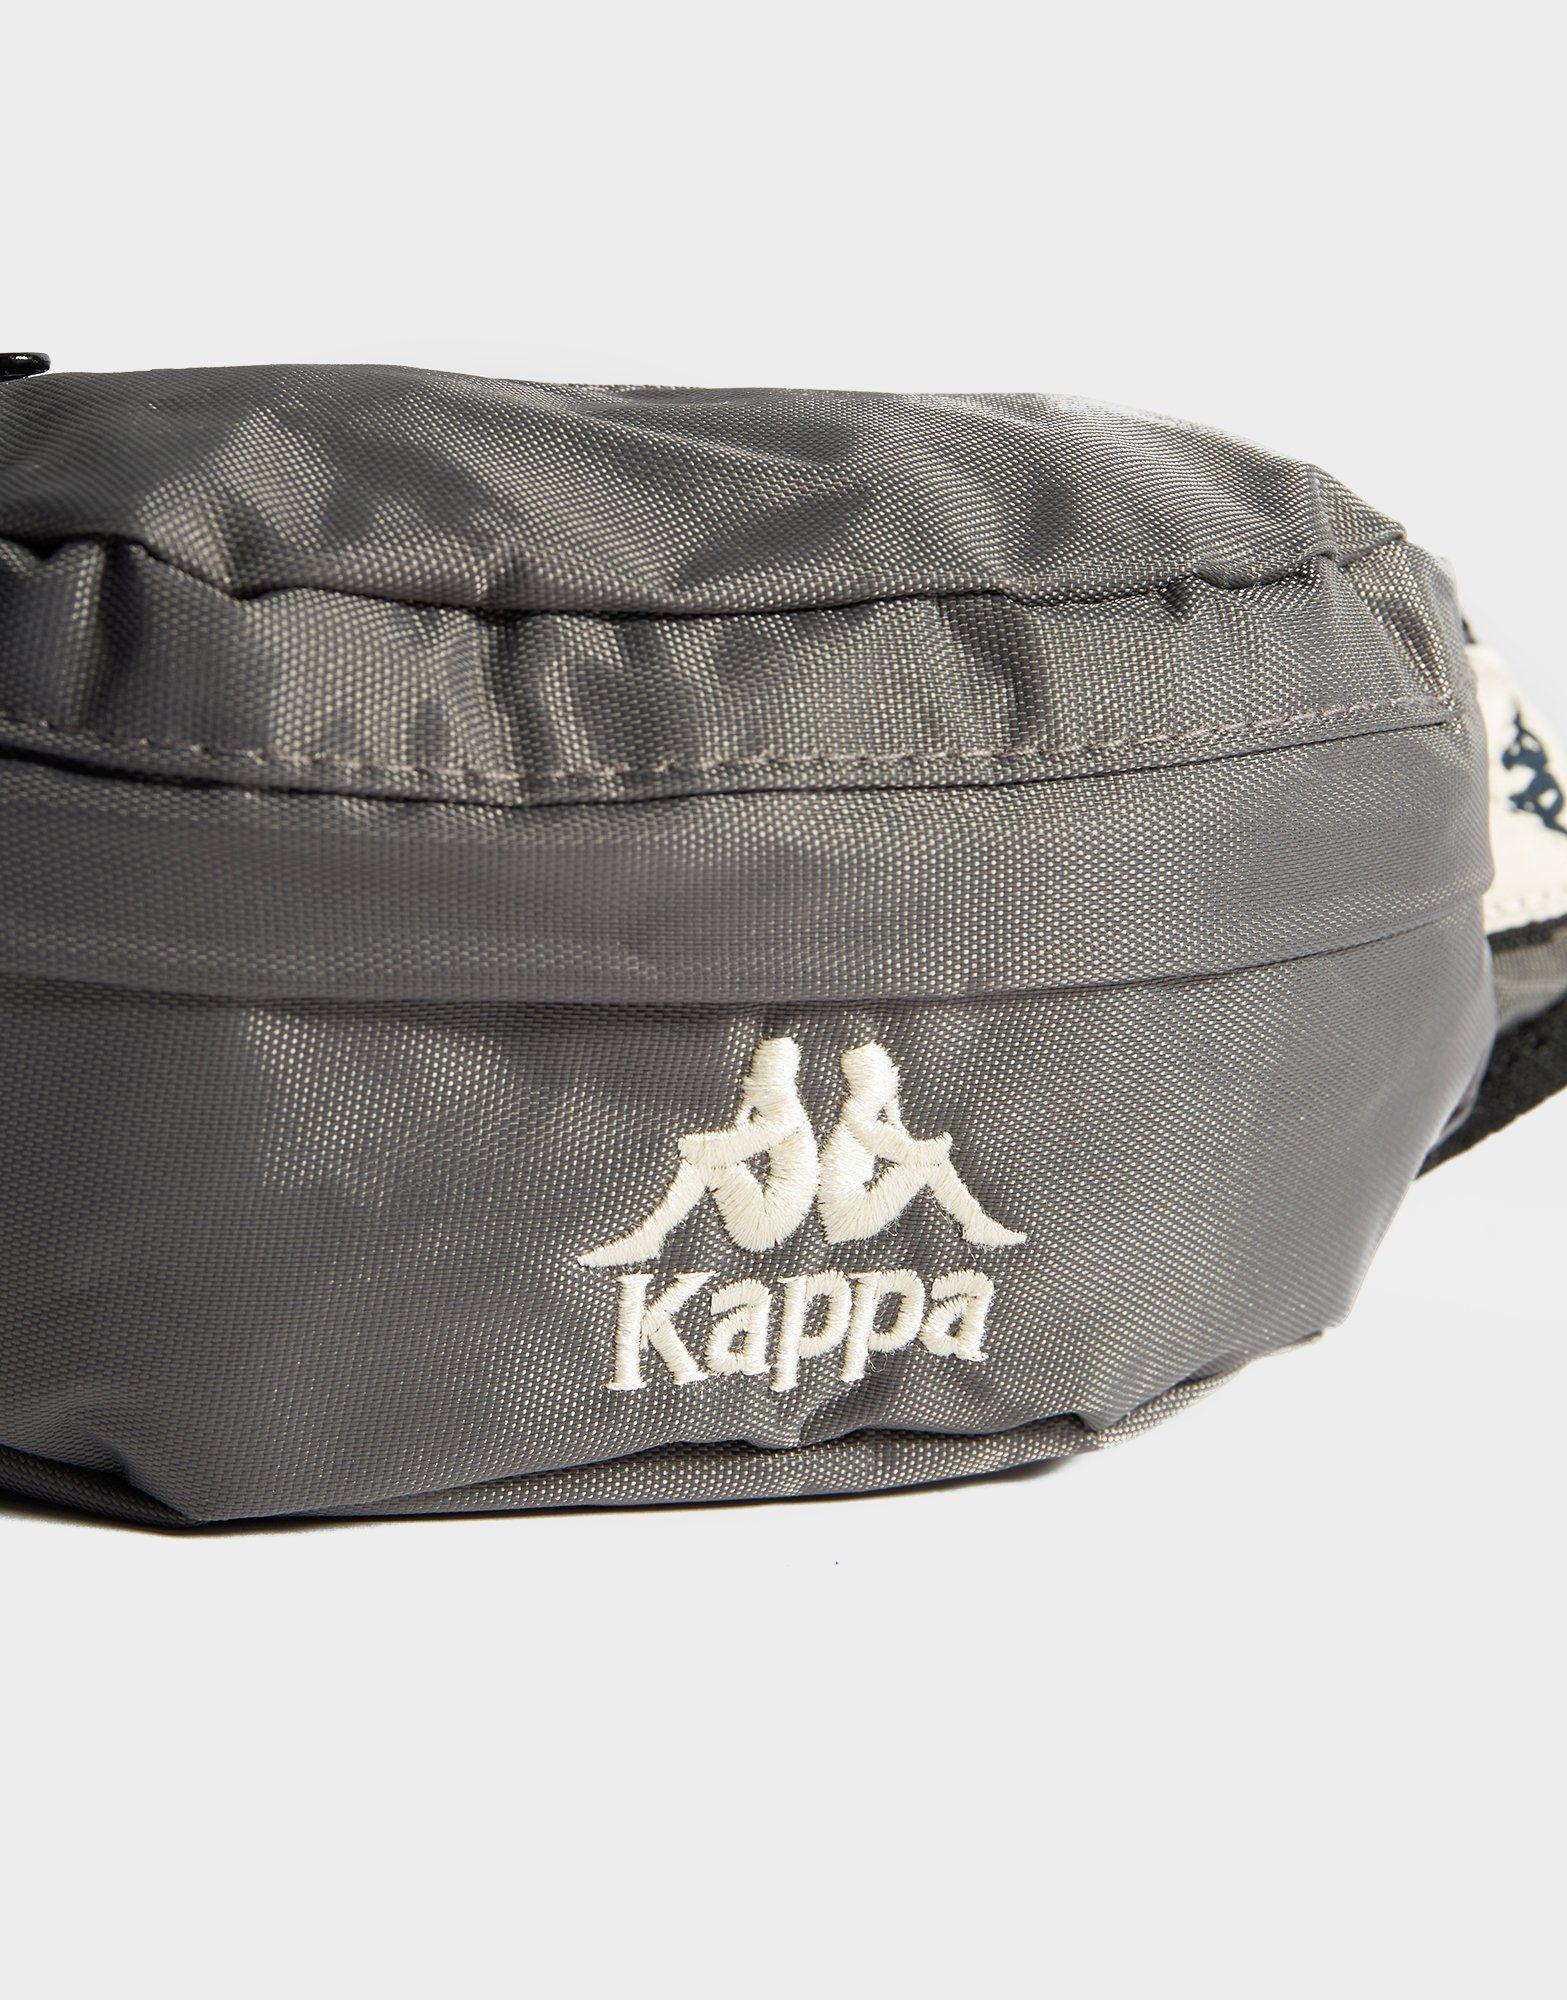 Kappa Marsupio